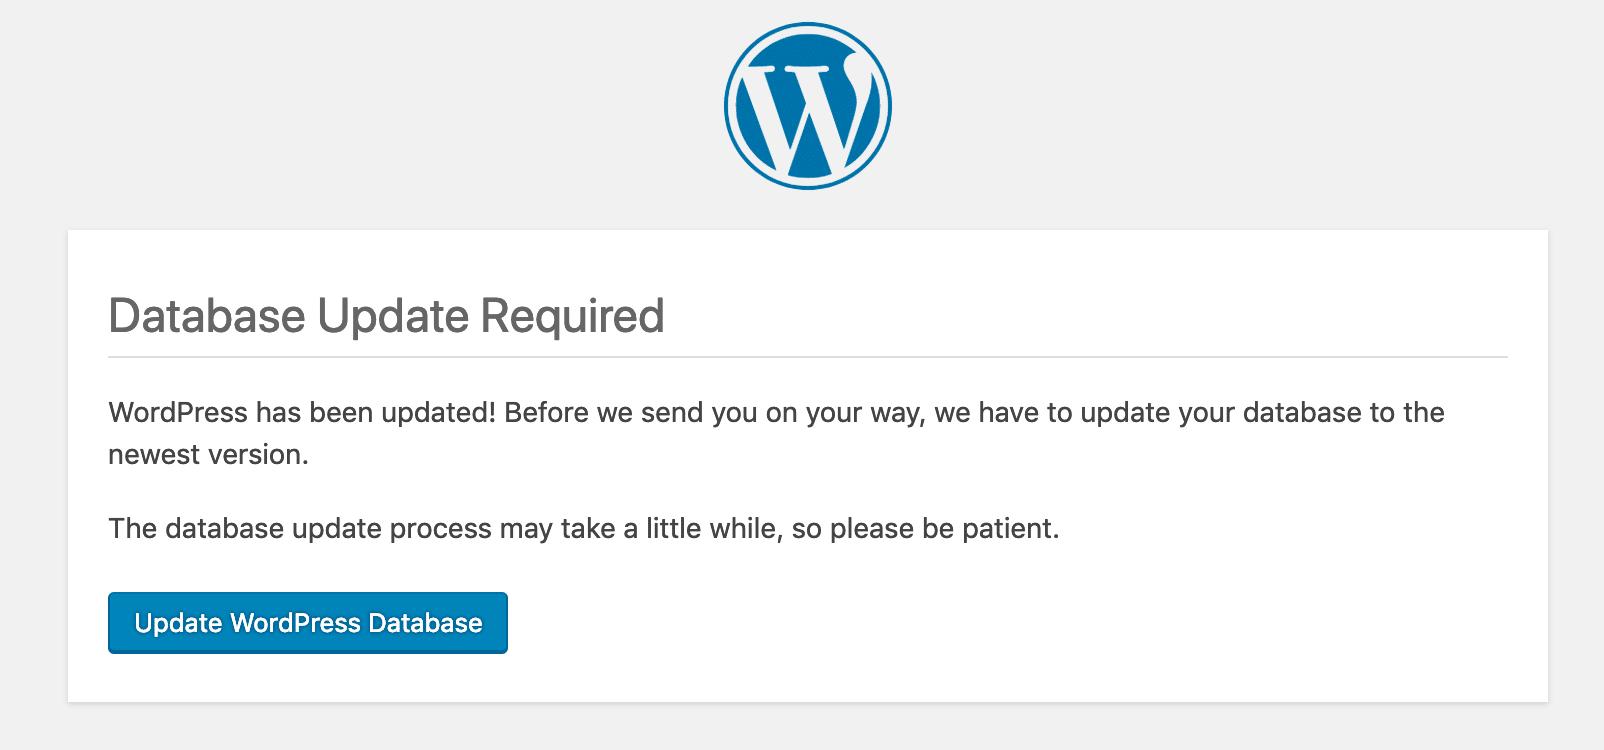 Datenbank-Update erforderlich